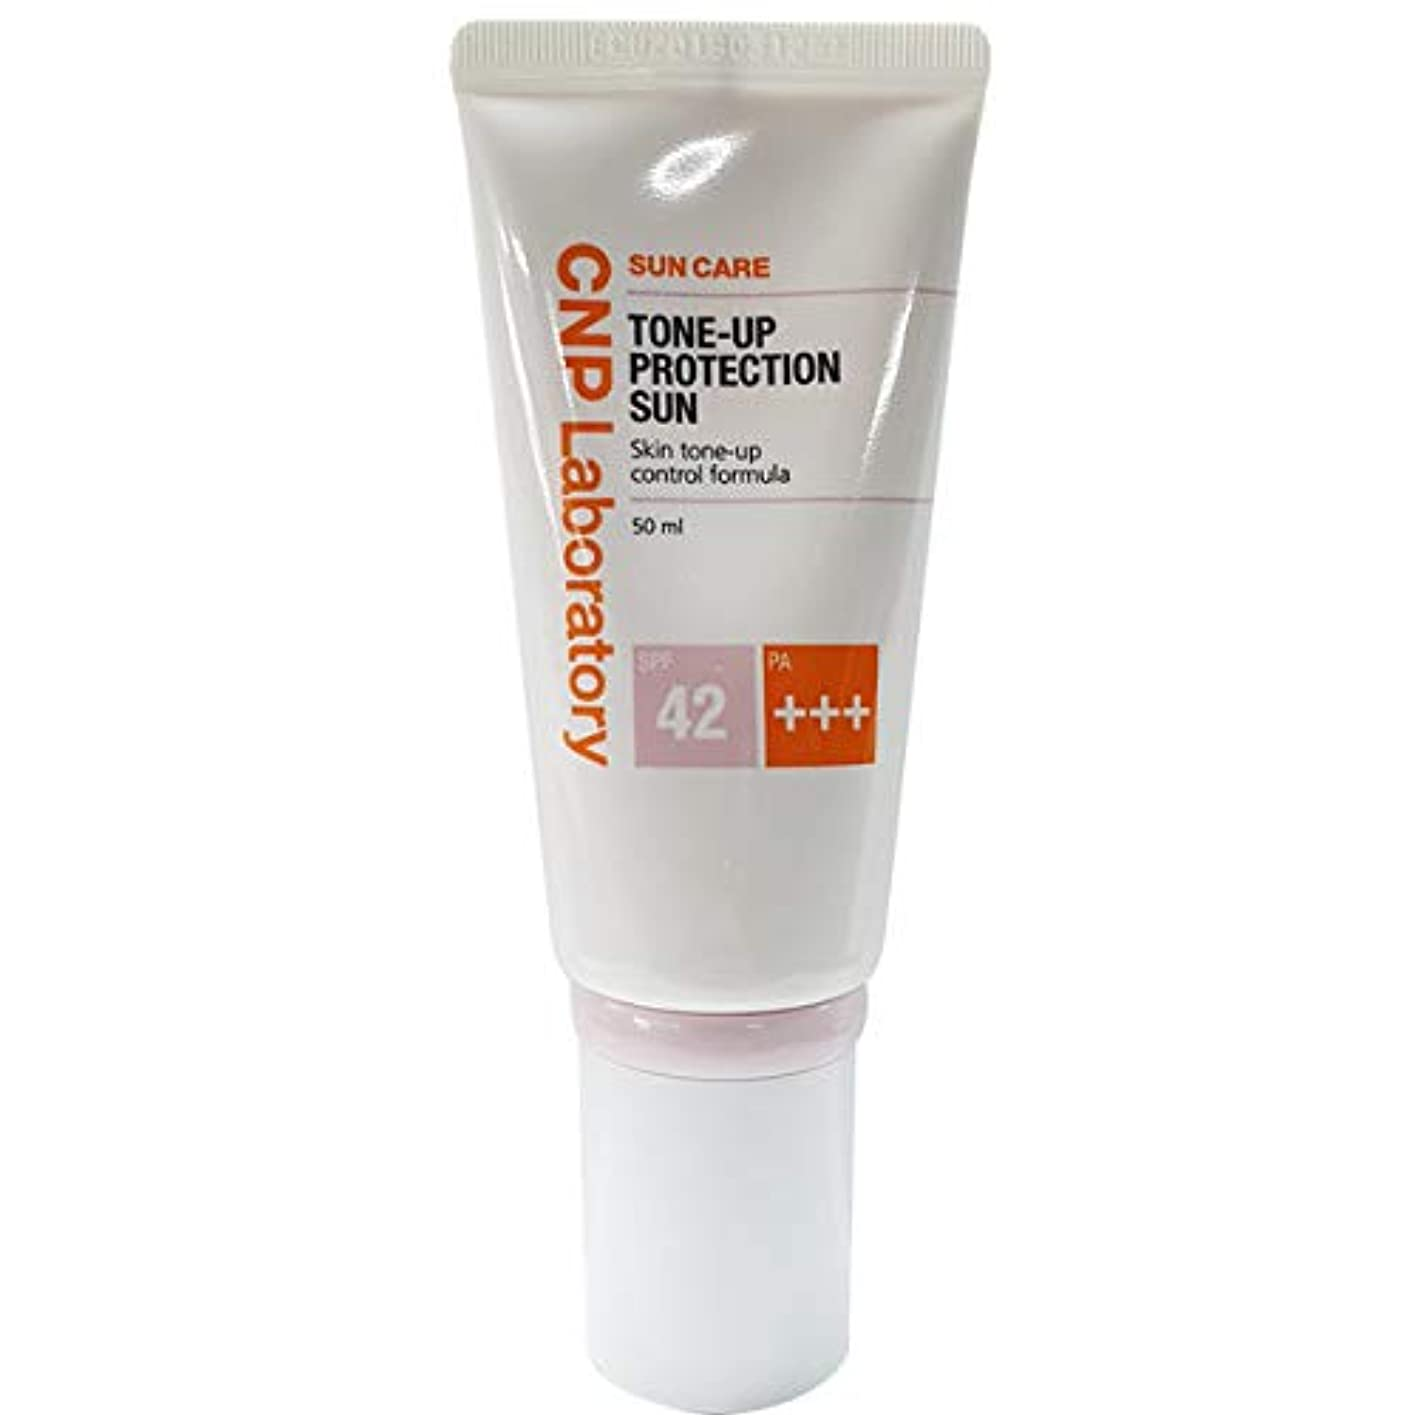 気質ささやき観客CNP チャアンドパク トンオププロテクションサン?クリーム紫外線遮断剤 50ml (SPF42 / PA+++)、2019 NEW, CNP Tone-up Protection Sun Cream/韓国日焼け止め